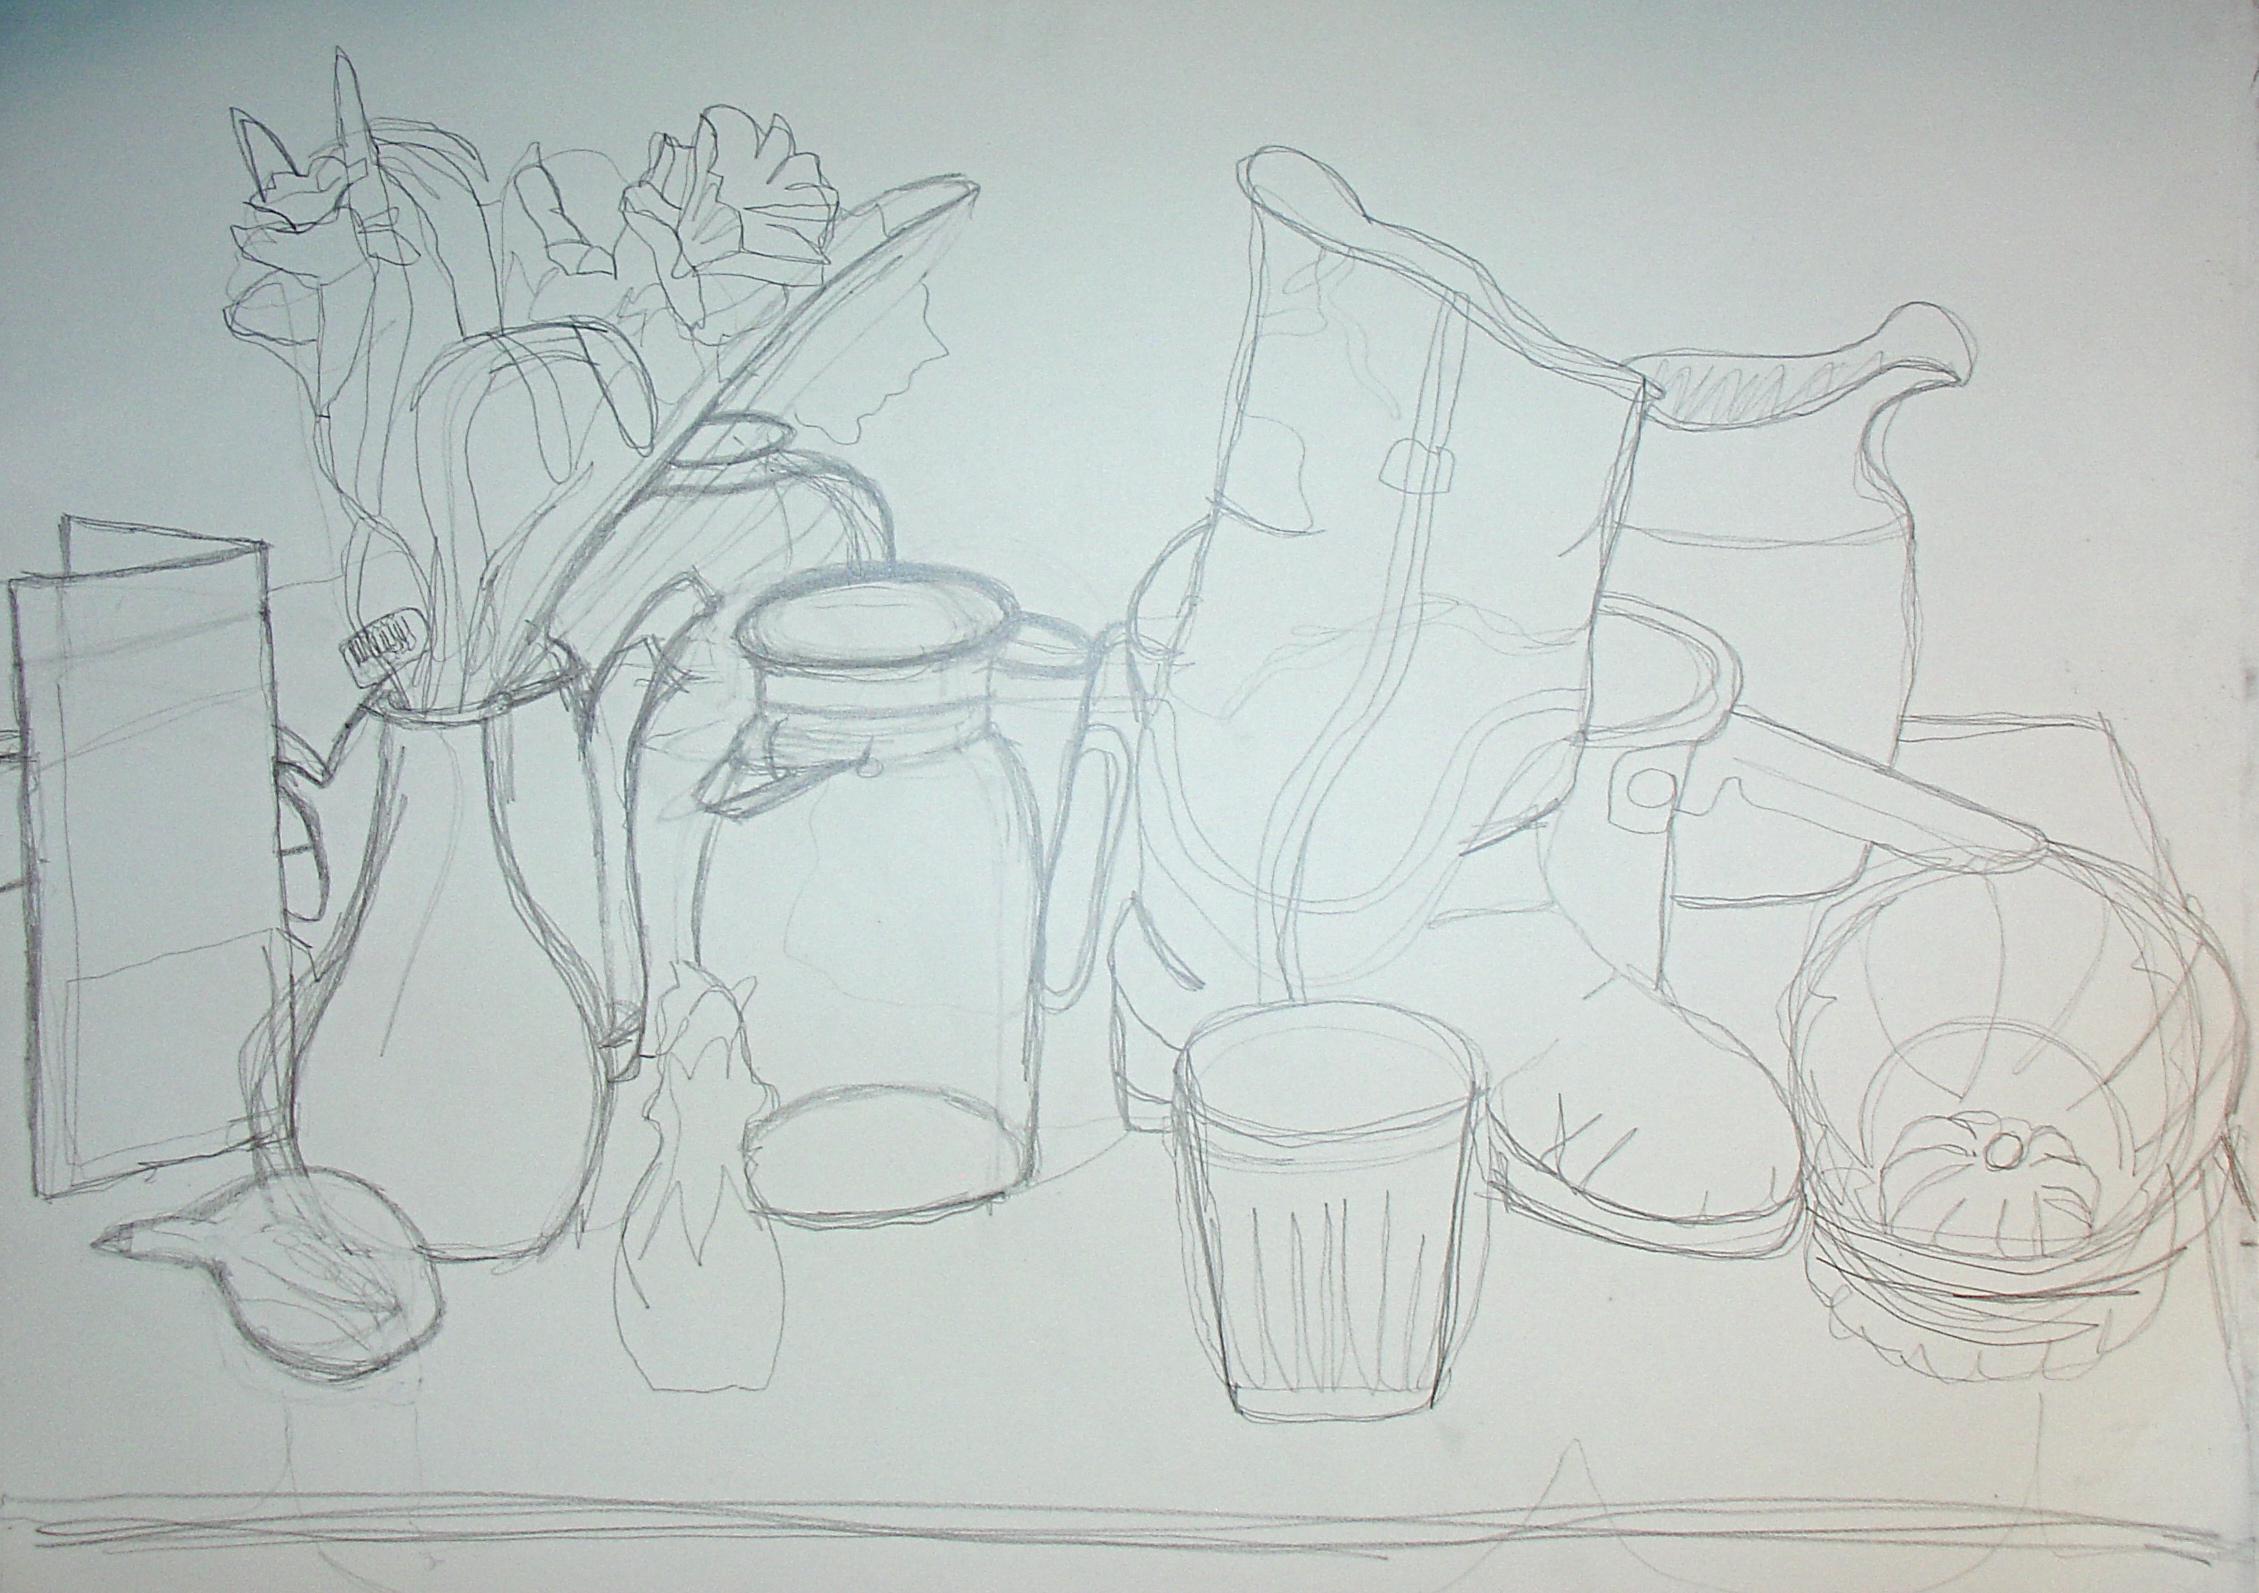 art 101 - 1